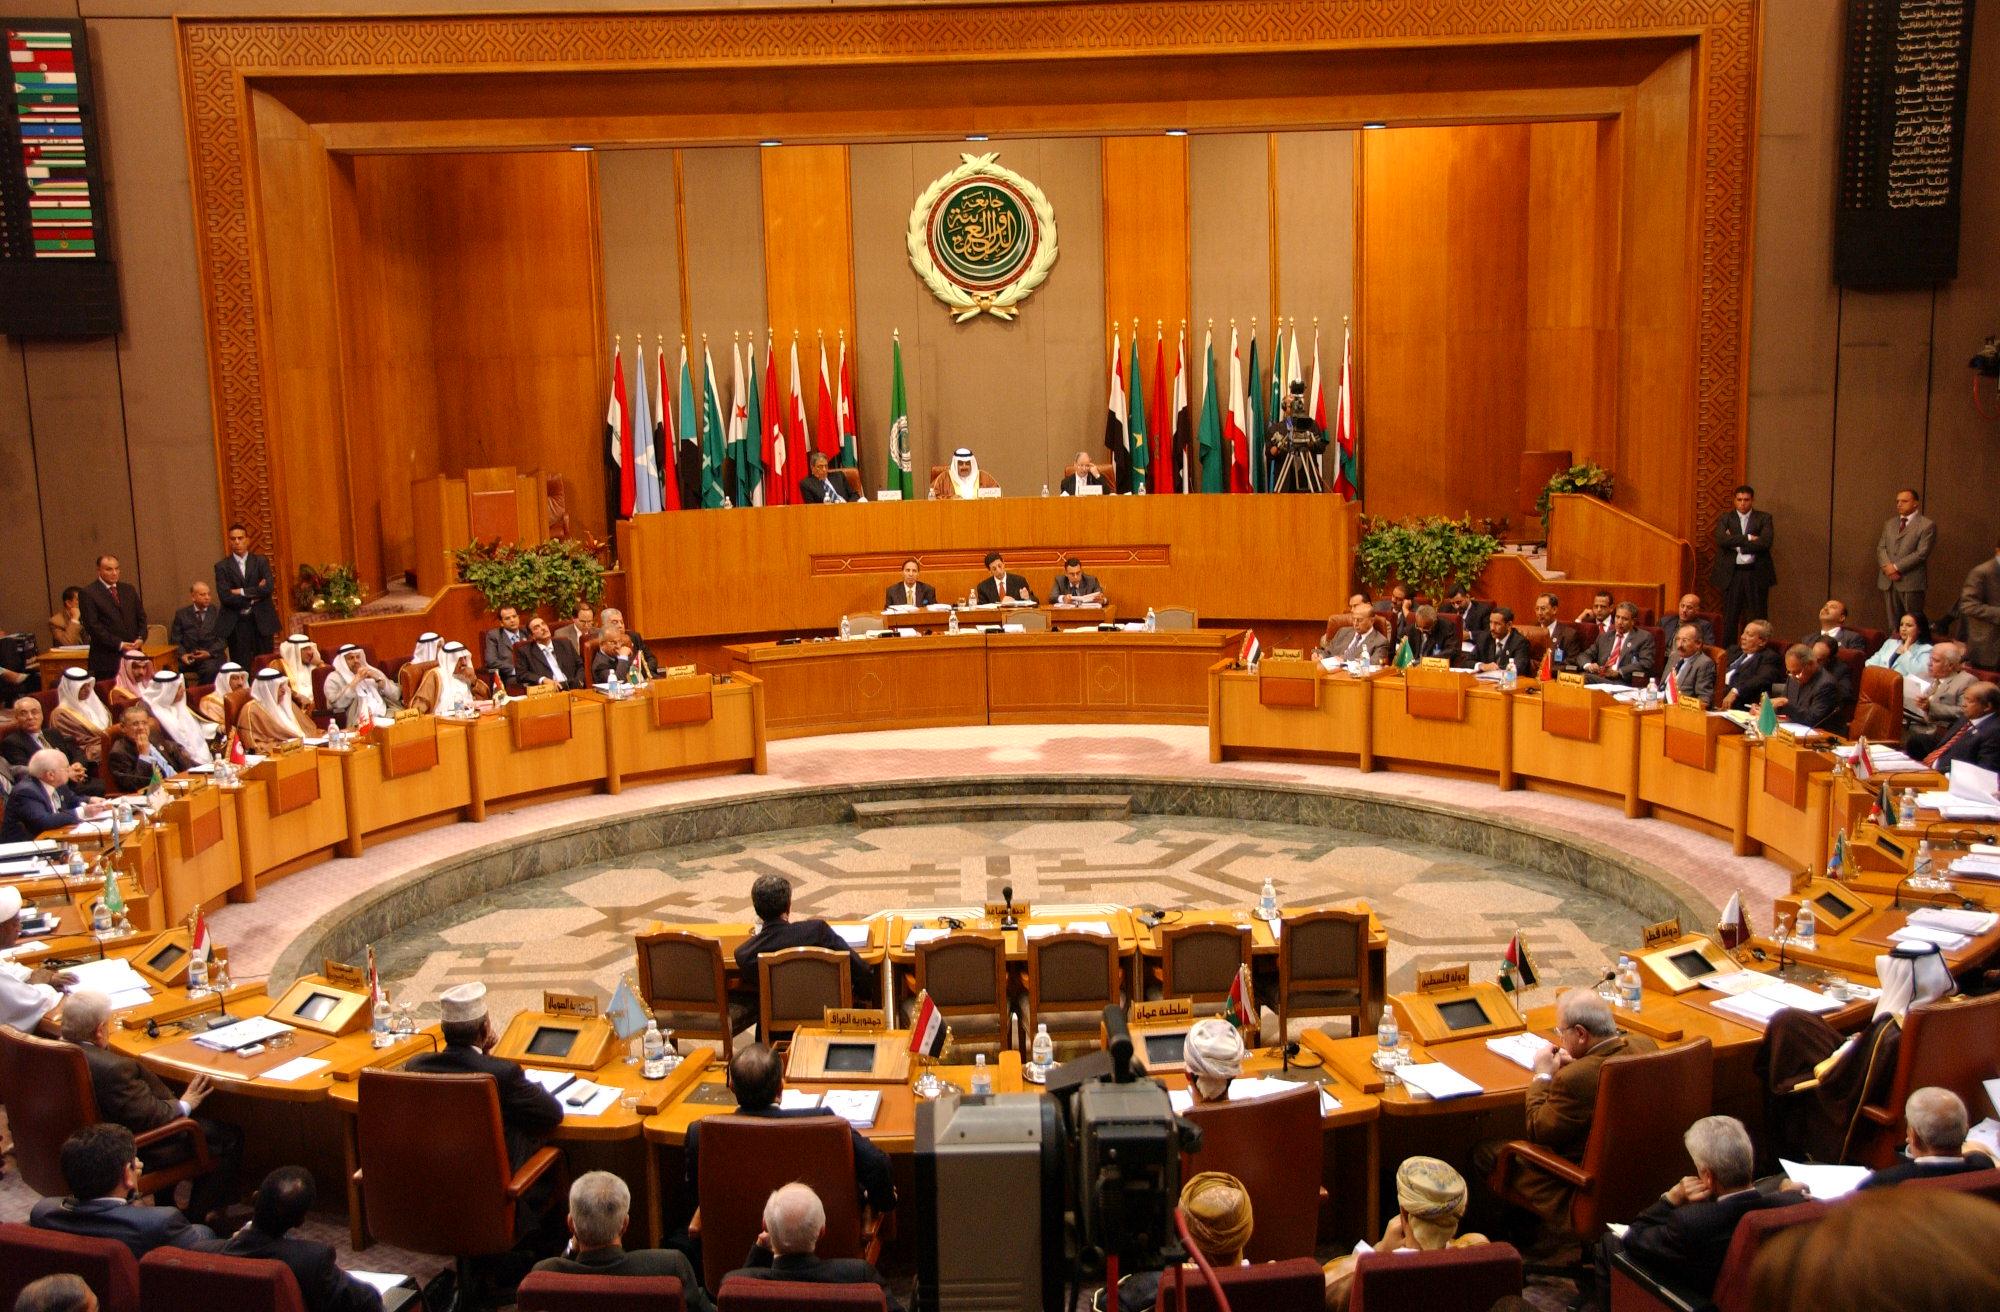 الجامعة العربية تطالب المجتمع الدولي بوقف الانتهاكات الاسرائيلية للمسجد الأقصى